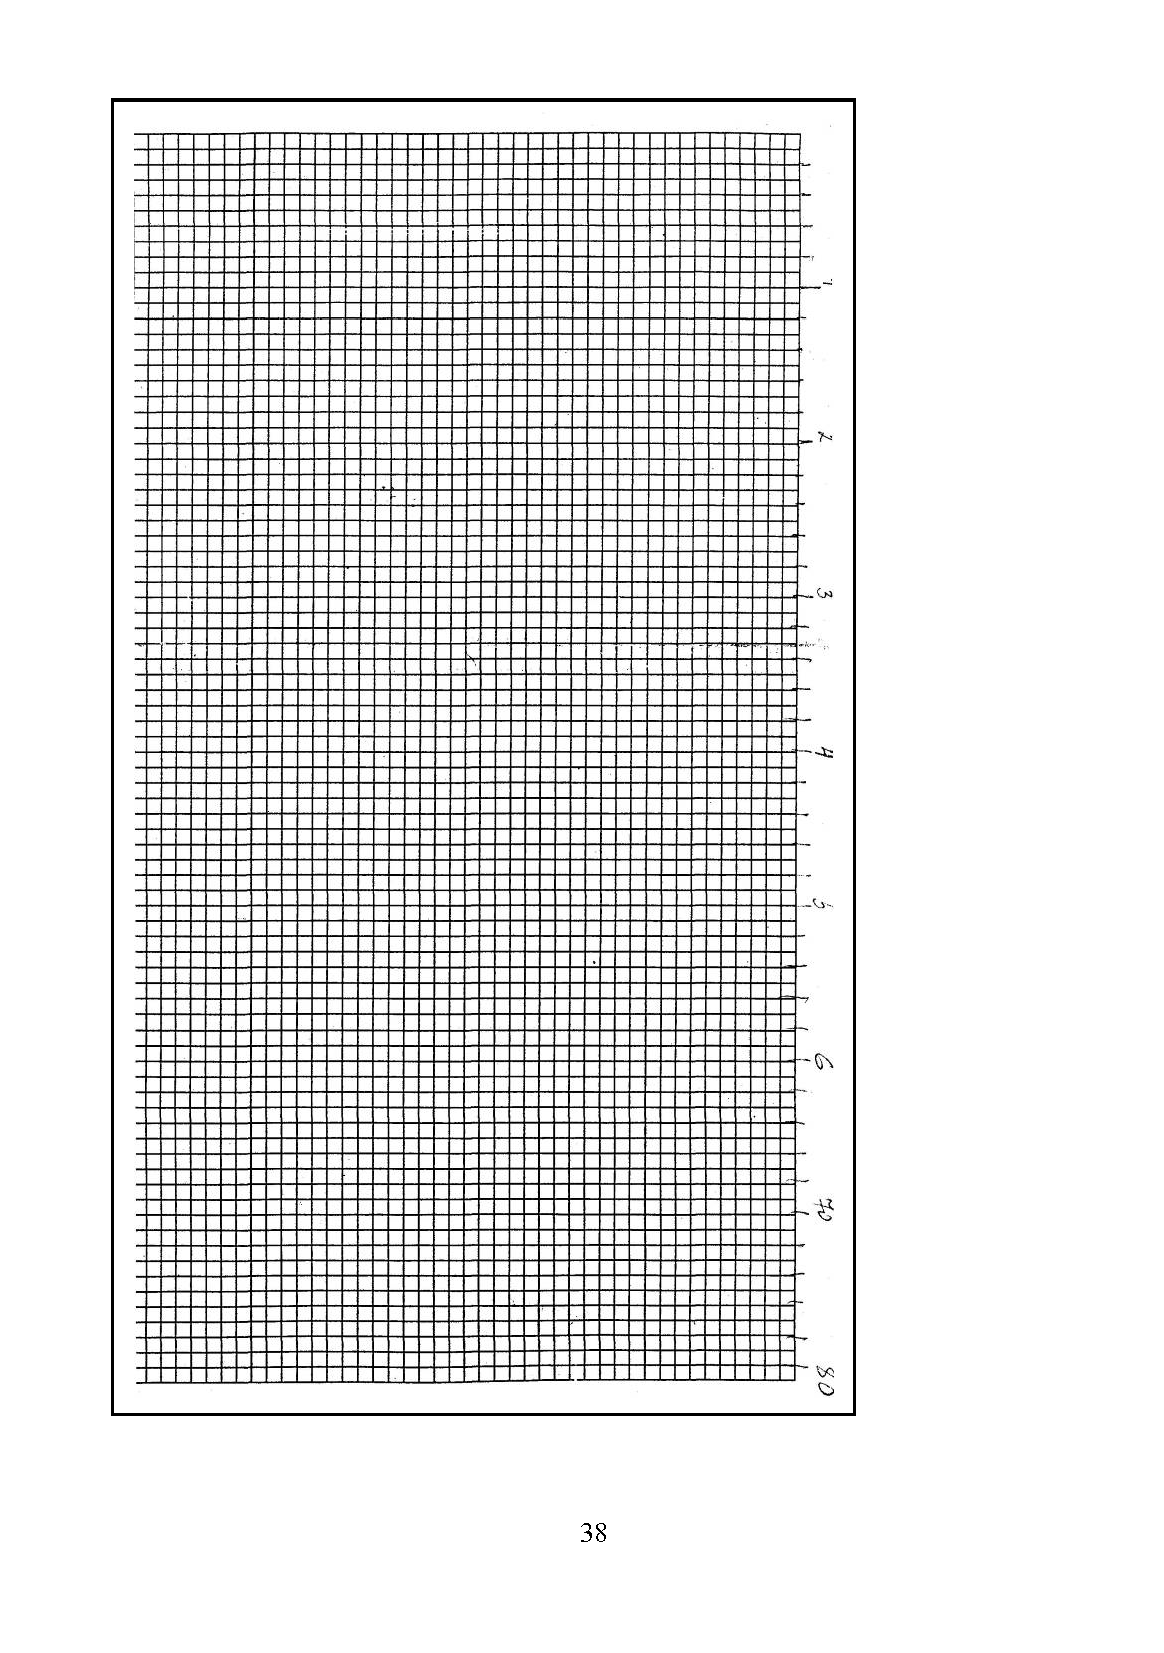 Сторінка в клітинку